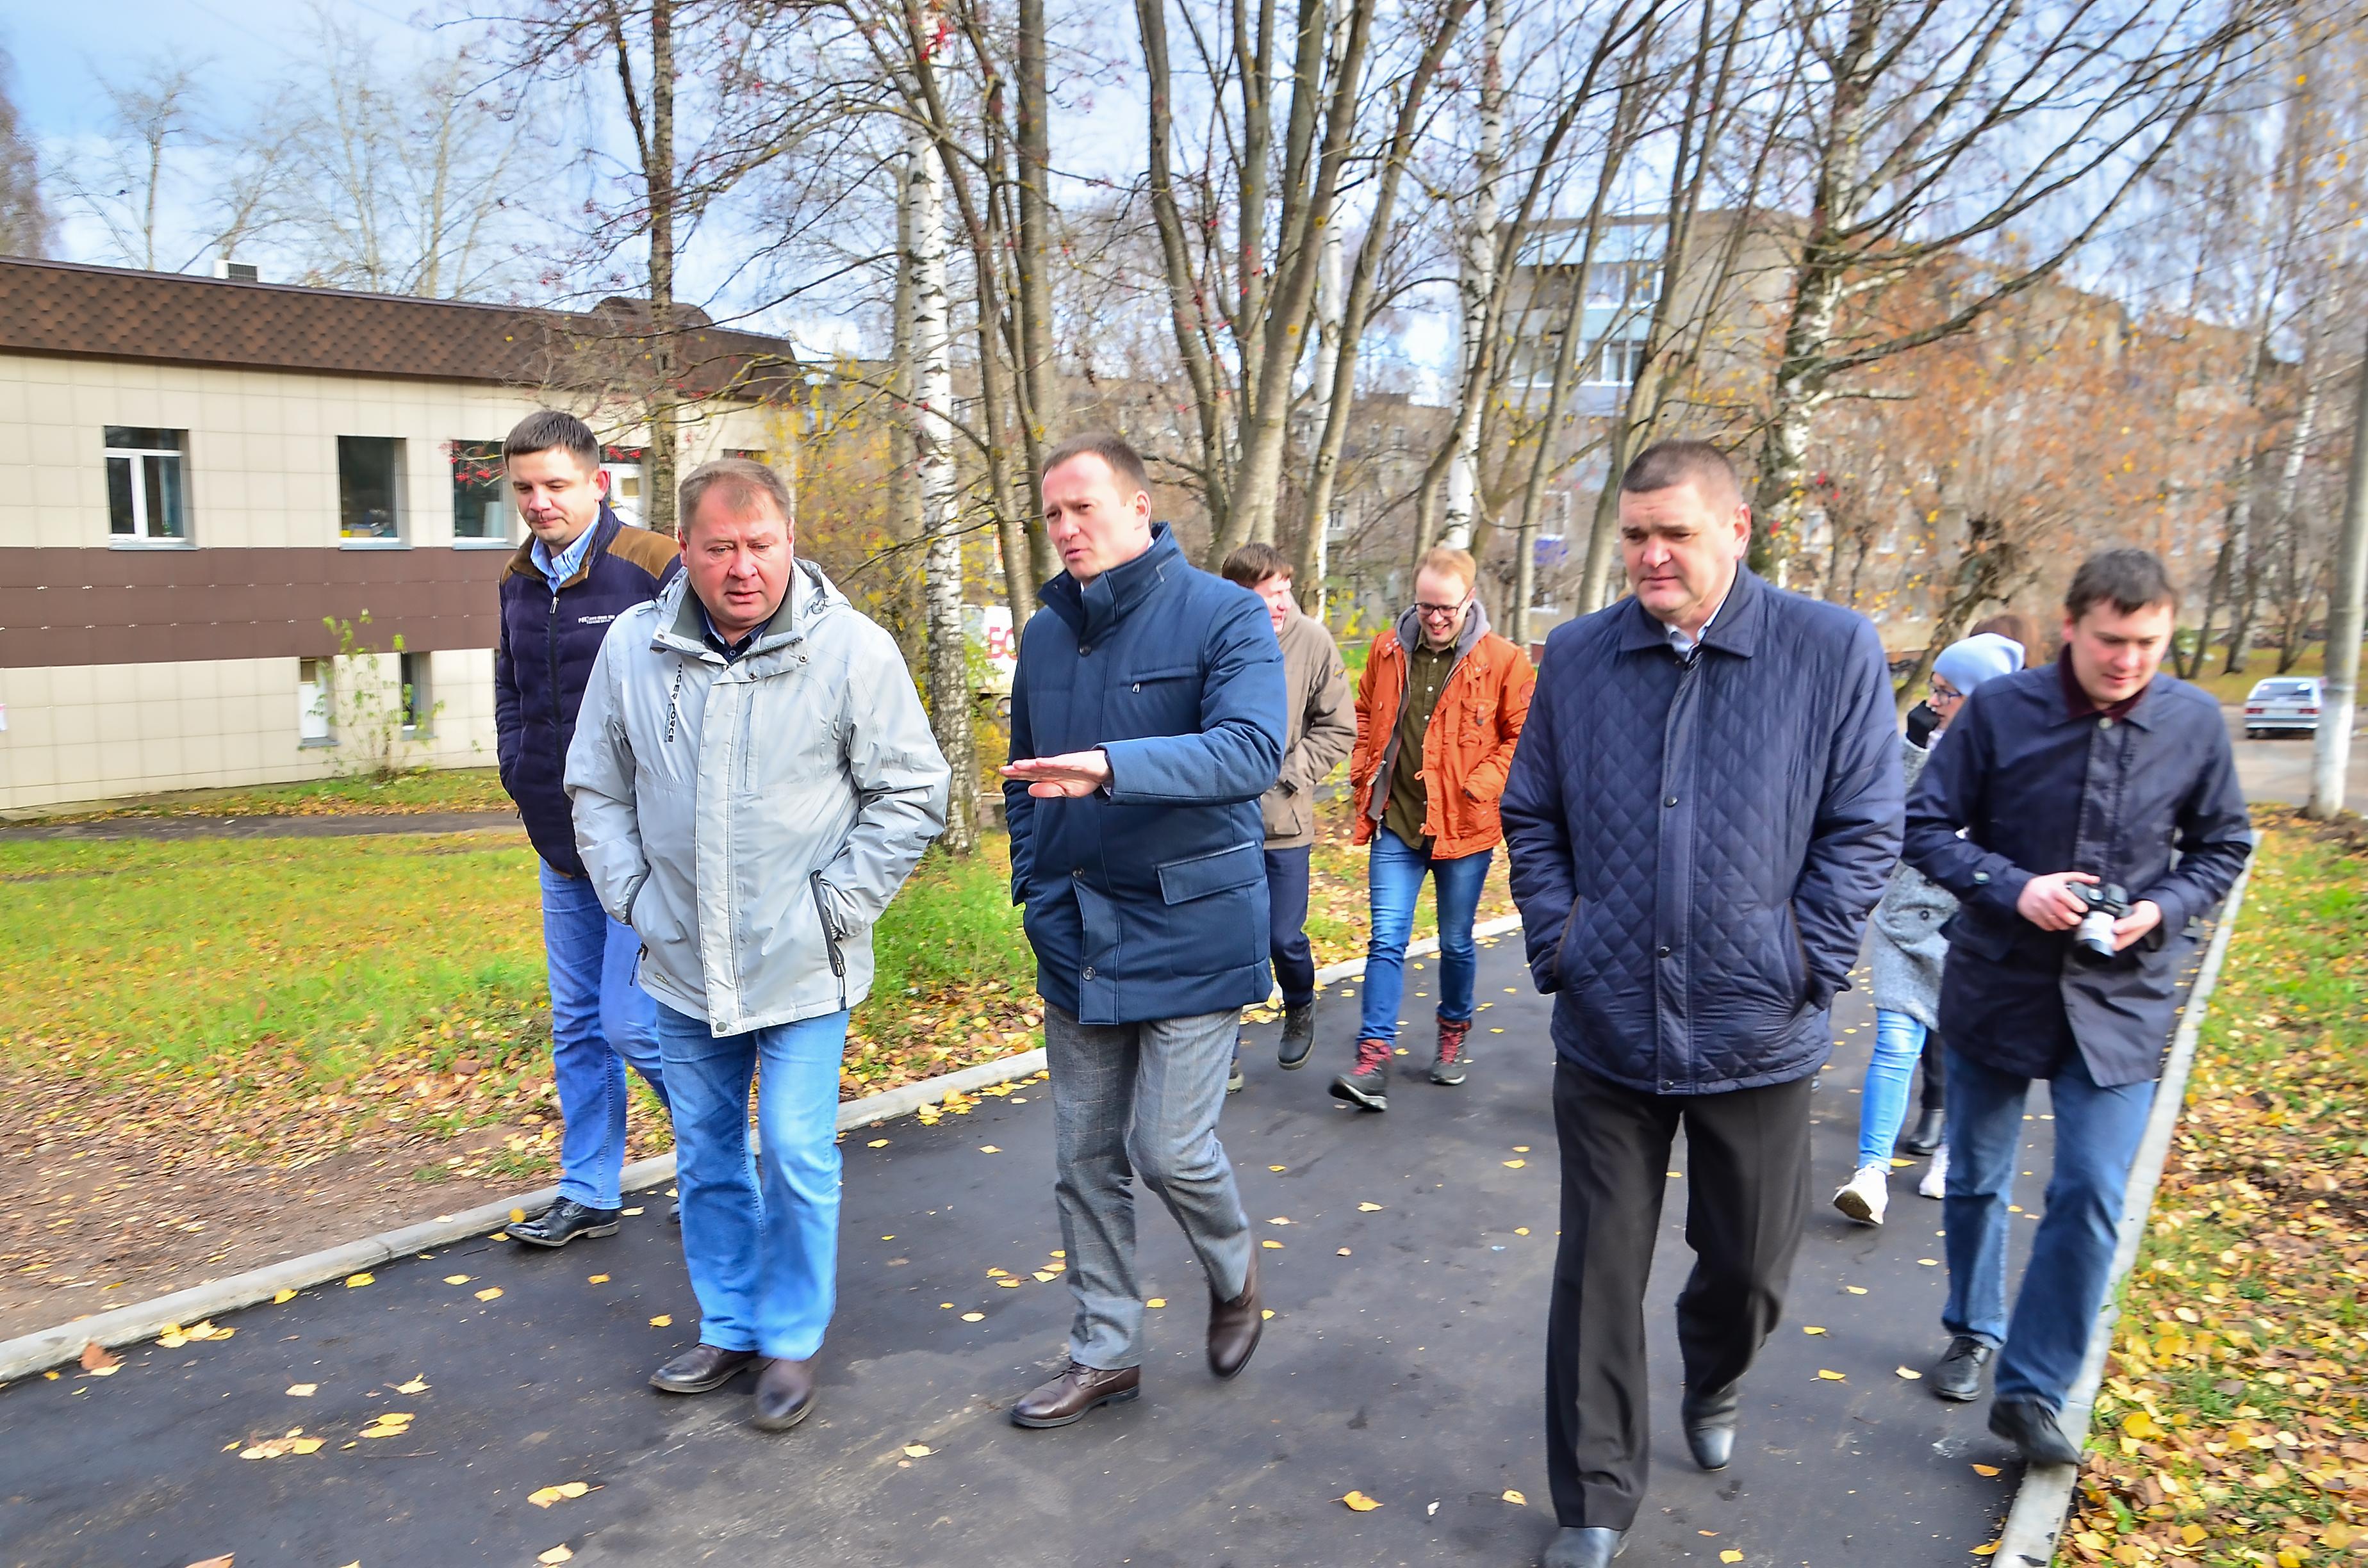 «УРАЛХИМ» оценил качество проведенного ремонта дорог в Кирово-Чепецке